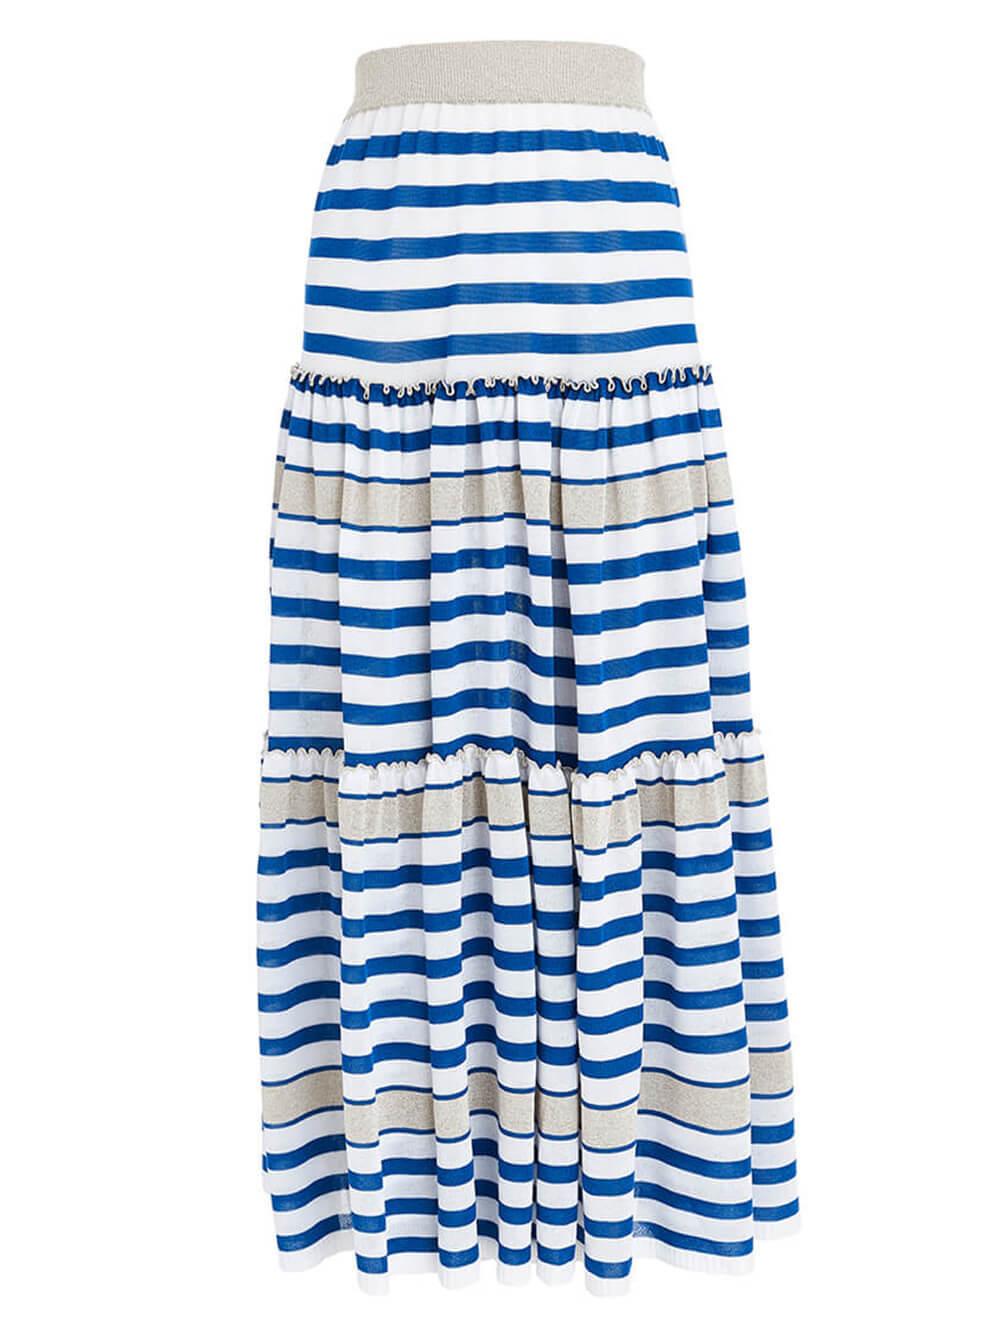 Женская юбка в бело-синюю полоску из вискозы - фото 1